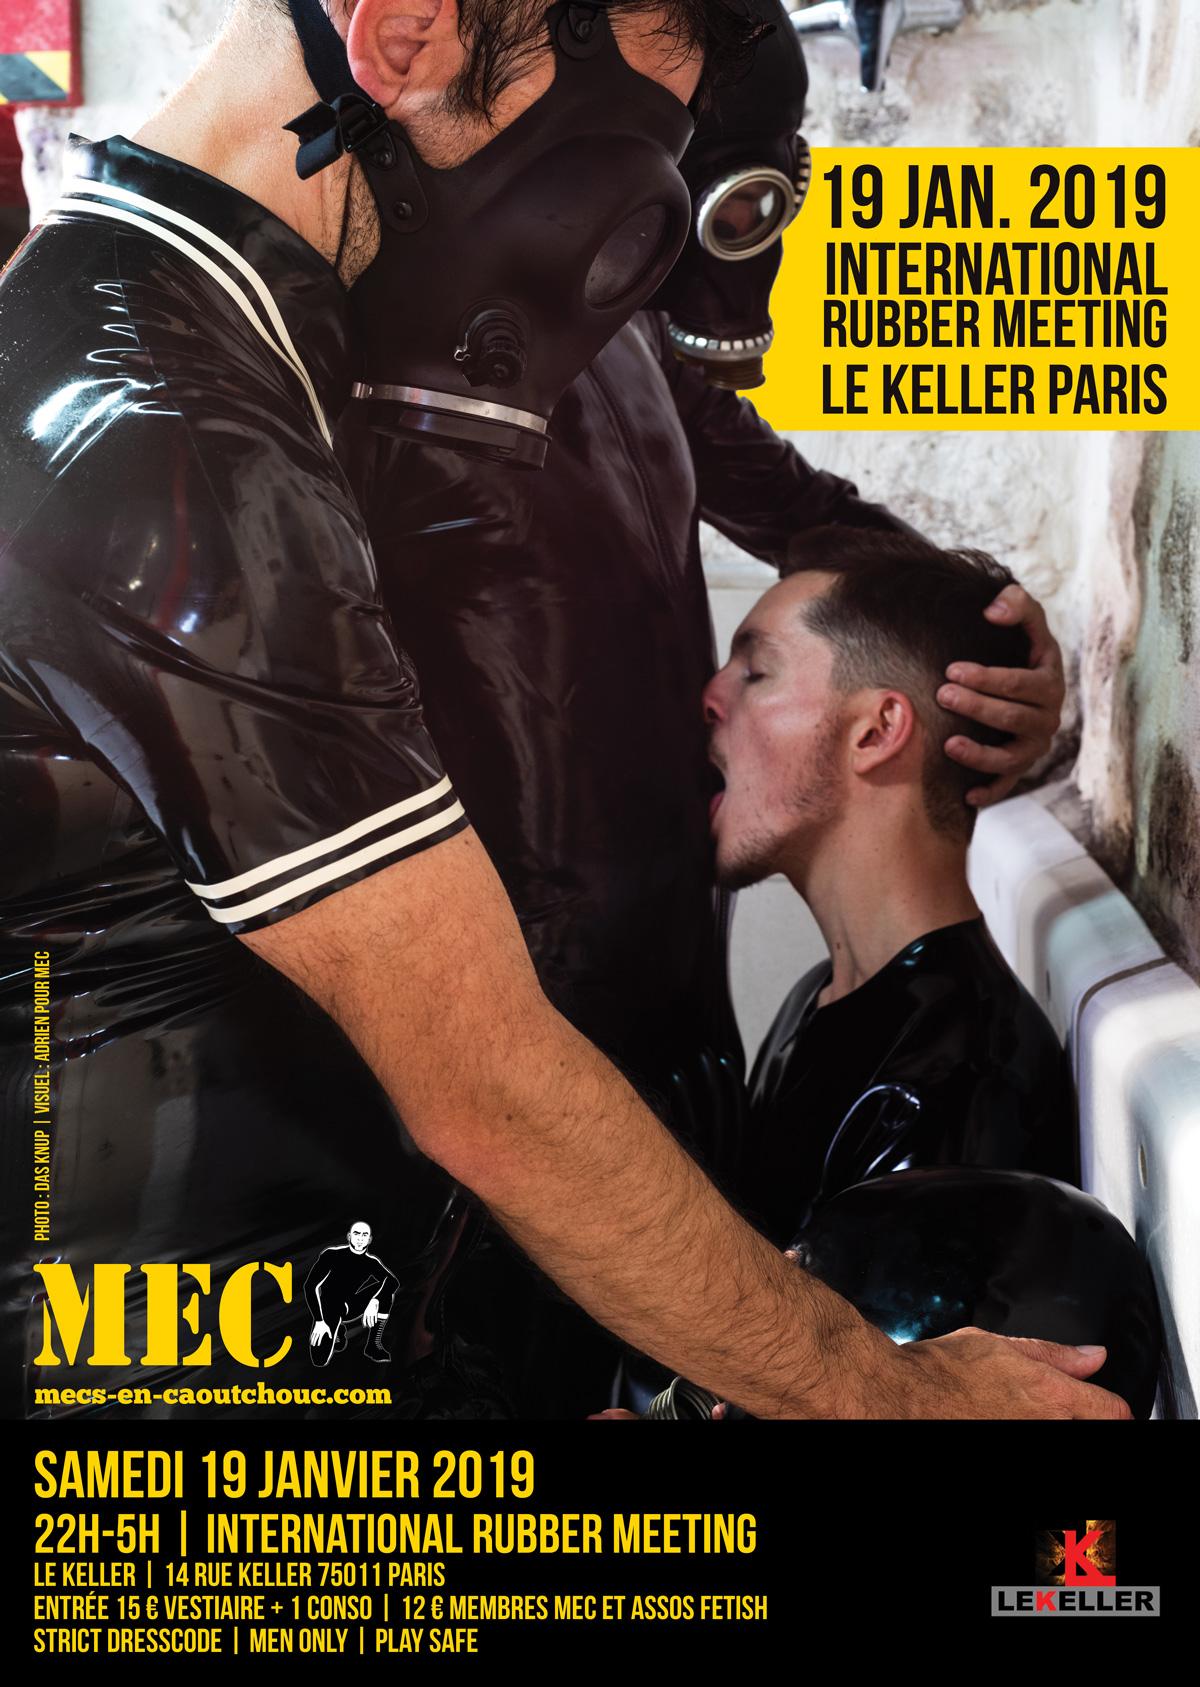 MEC - International Rubber Meeting